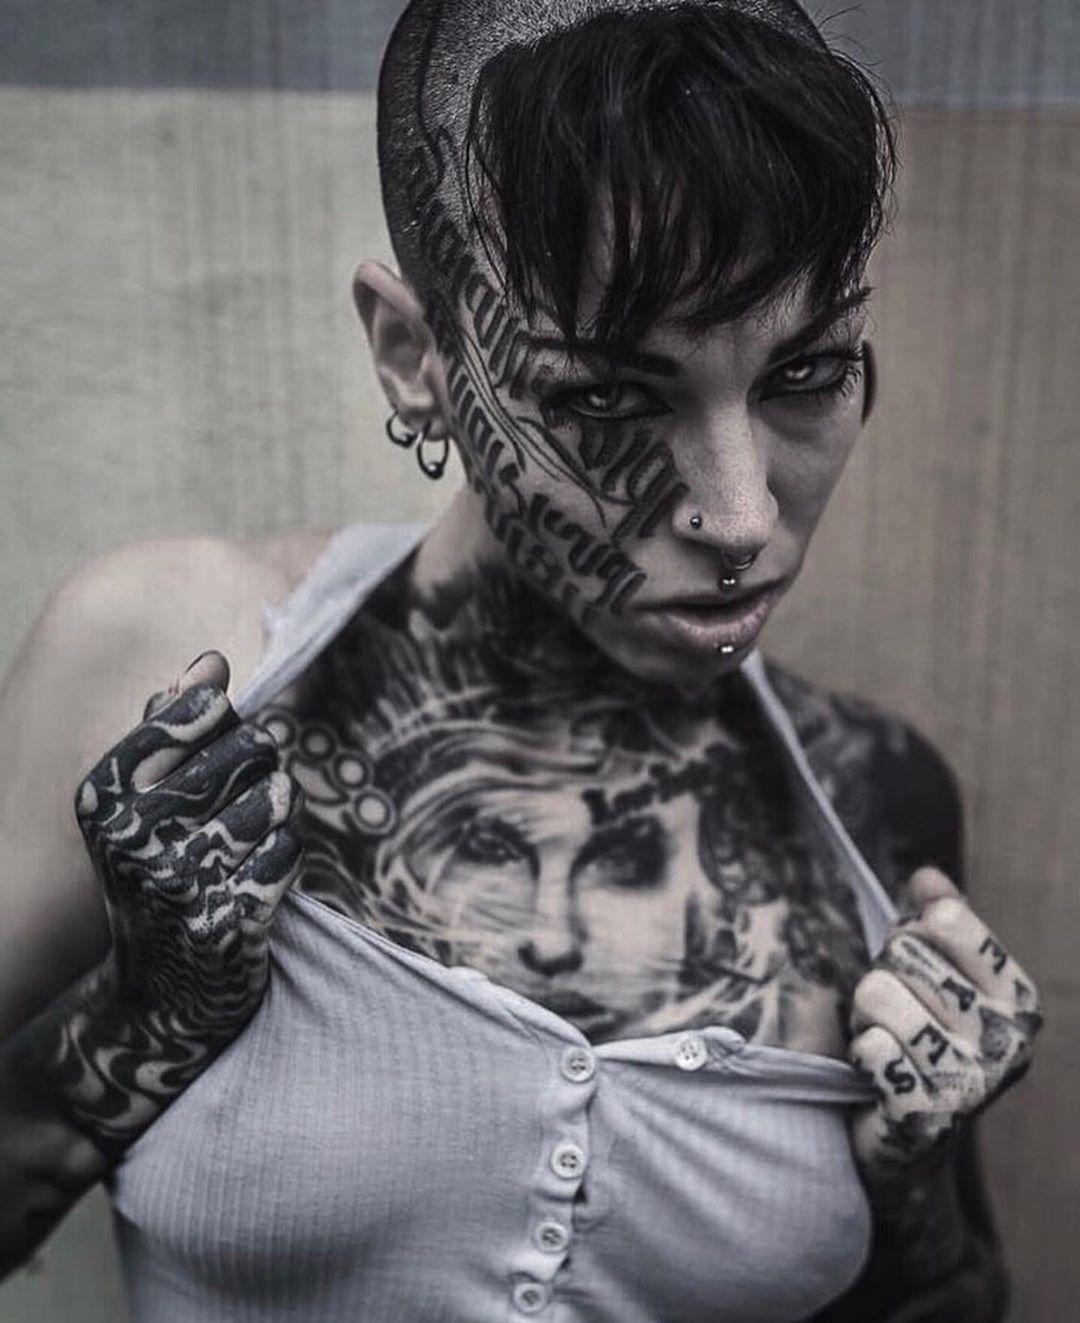 Není k dispozici žádný popis fotky. Chest tattoos for